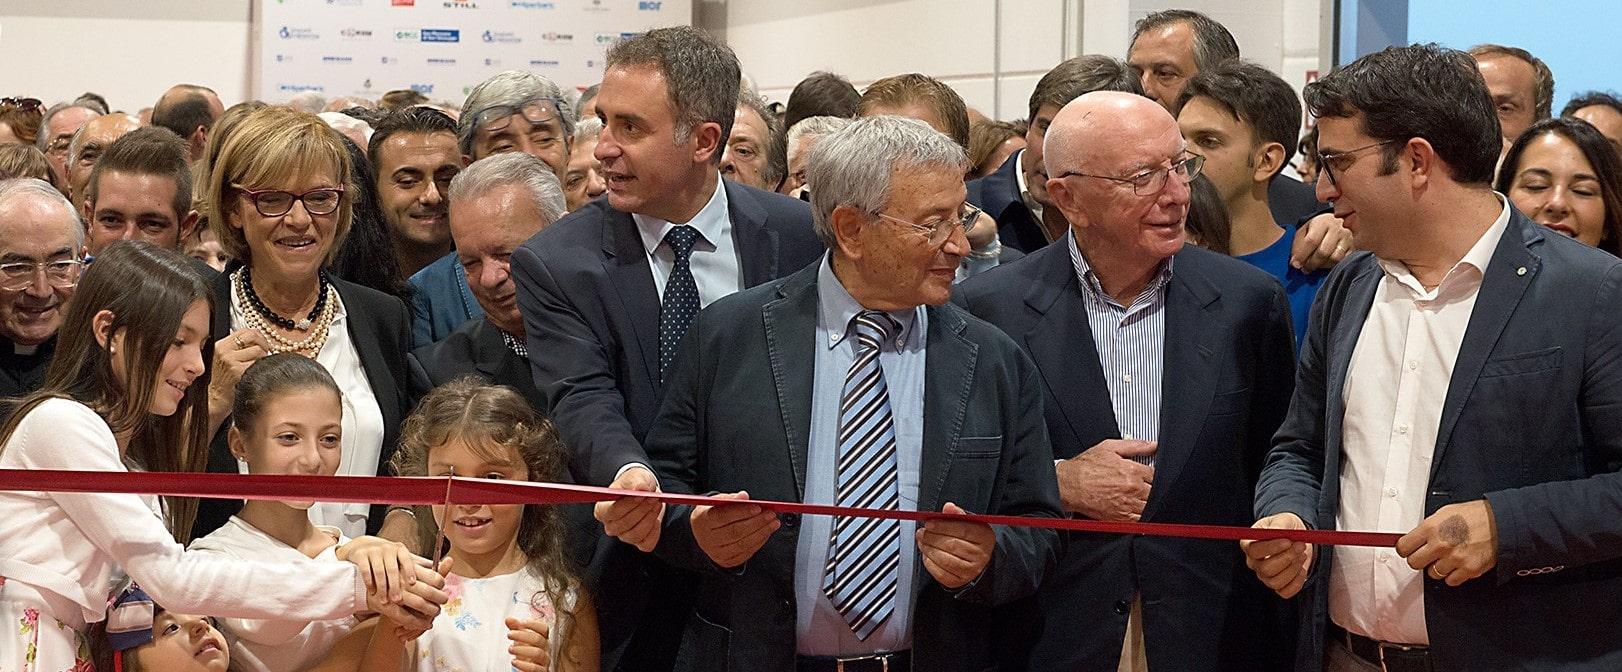 Inauguración de las nuevas instalaciones de Masseria Fruttirossi.